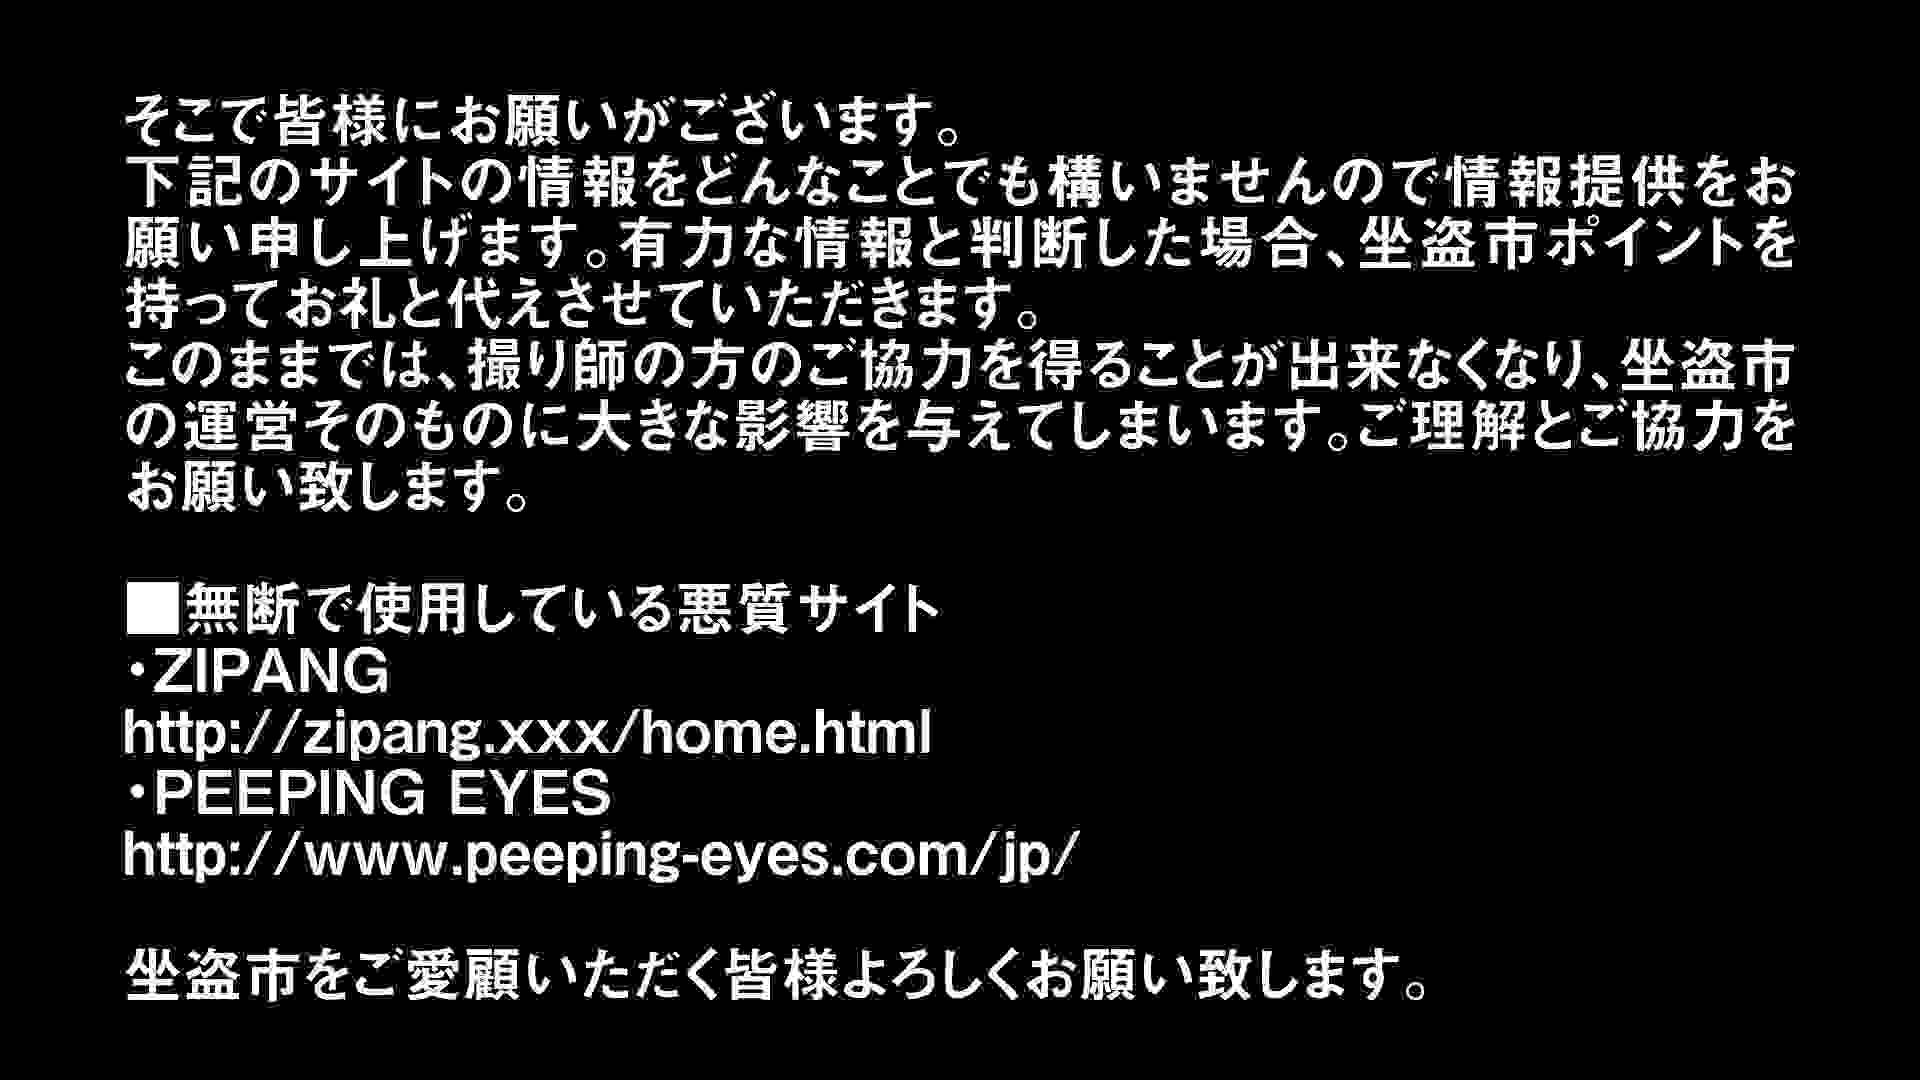 Aquaな露天風呂Vol.296 盗撮シリーズ  102PIX 40